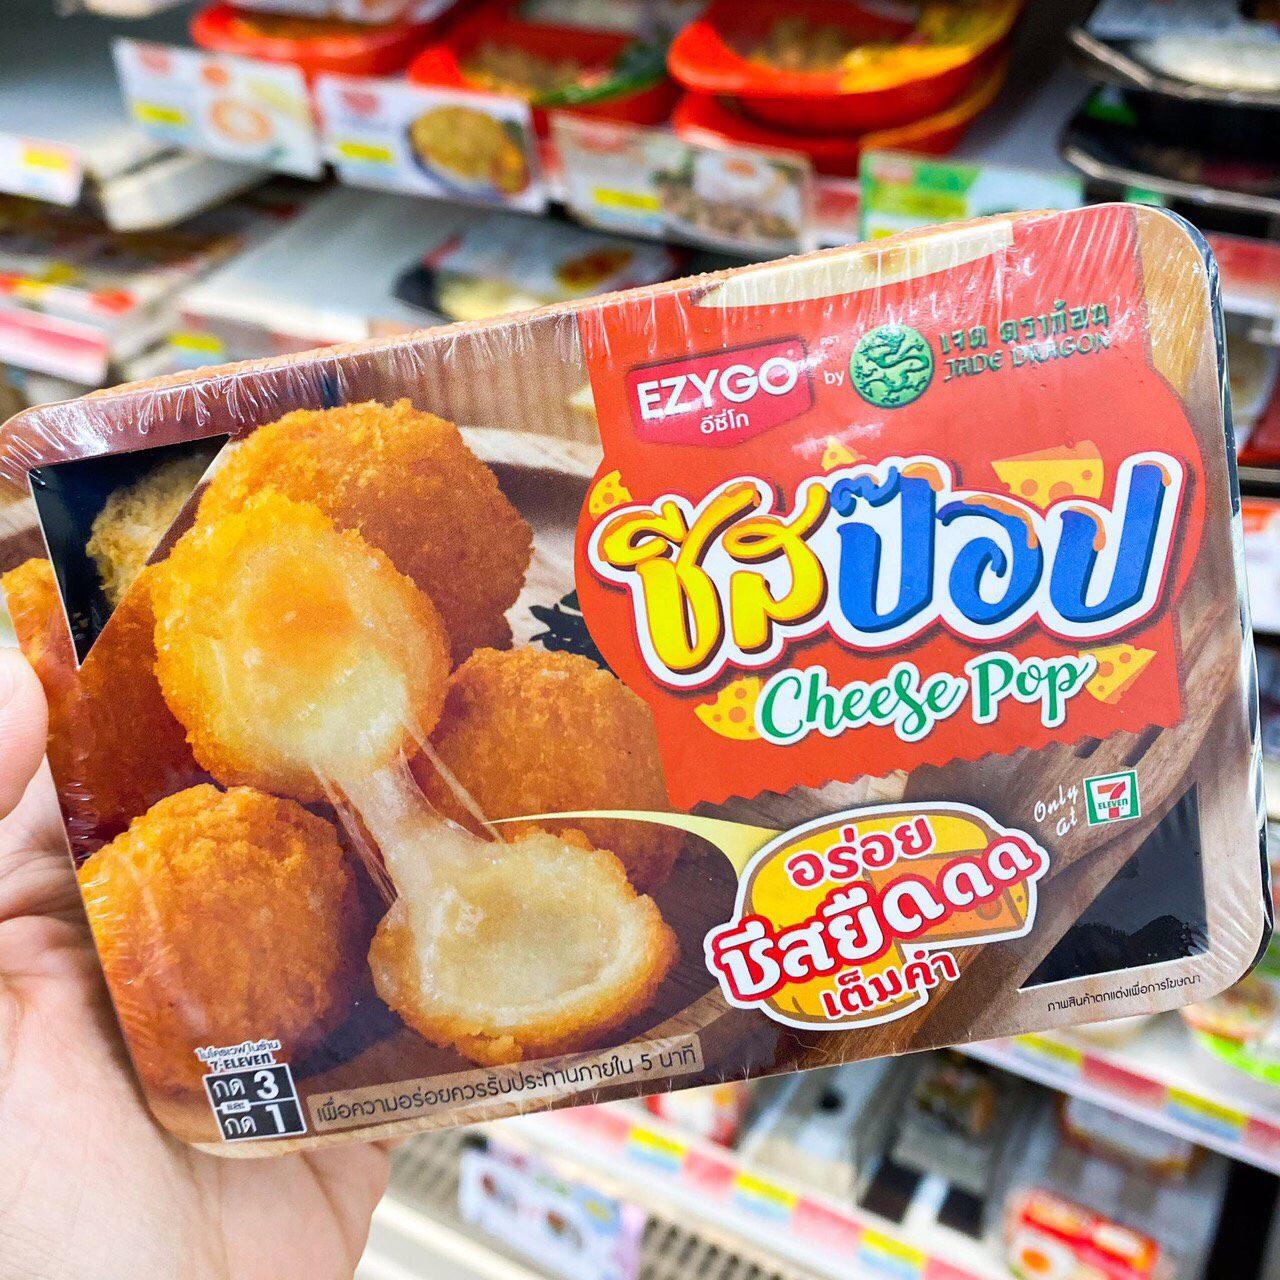 ของดีบอกต่อ! ชีสป็อป Cheese Pop Ezygo by เจดดราก้อน